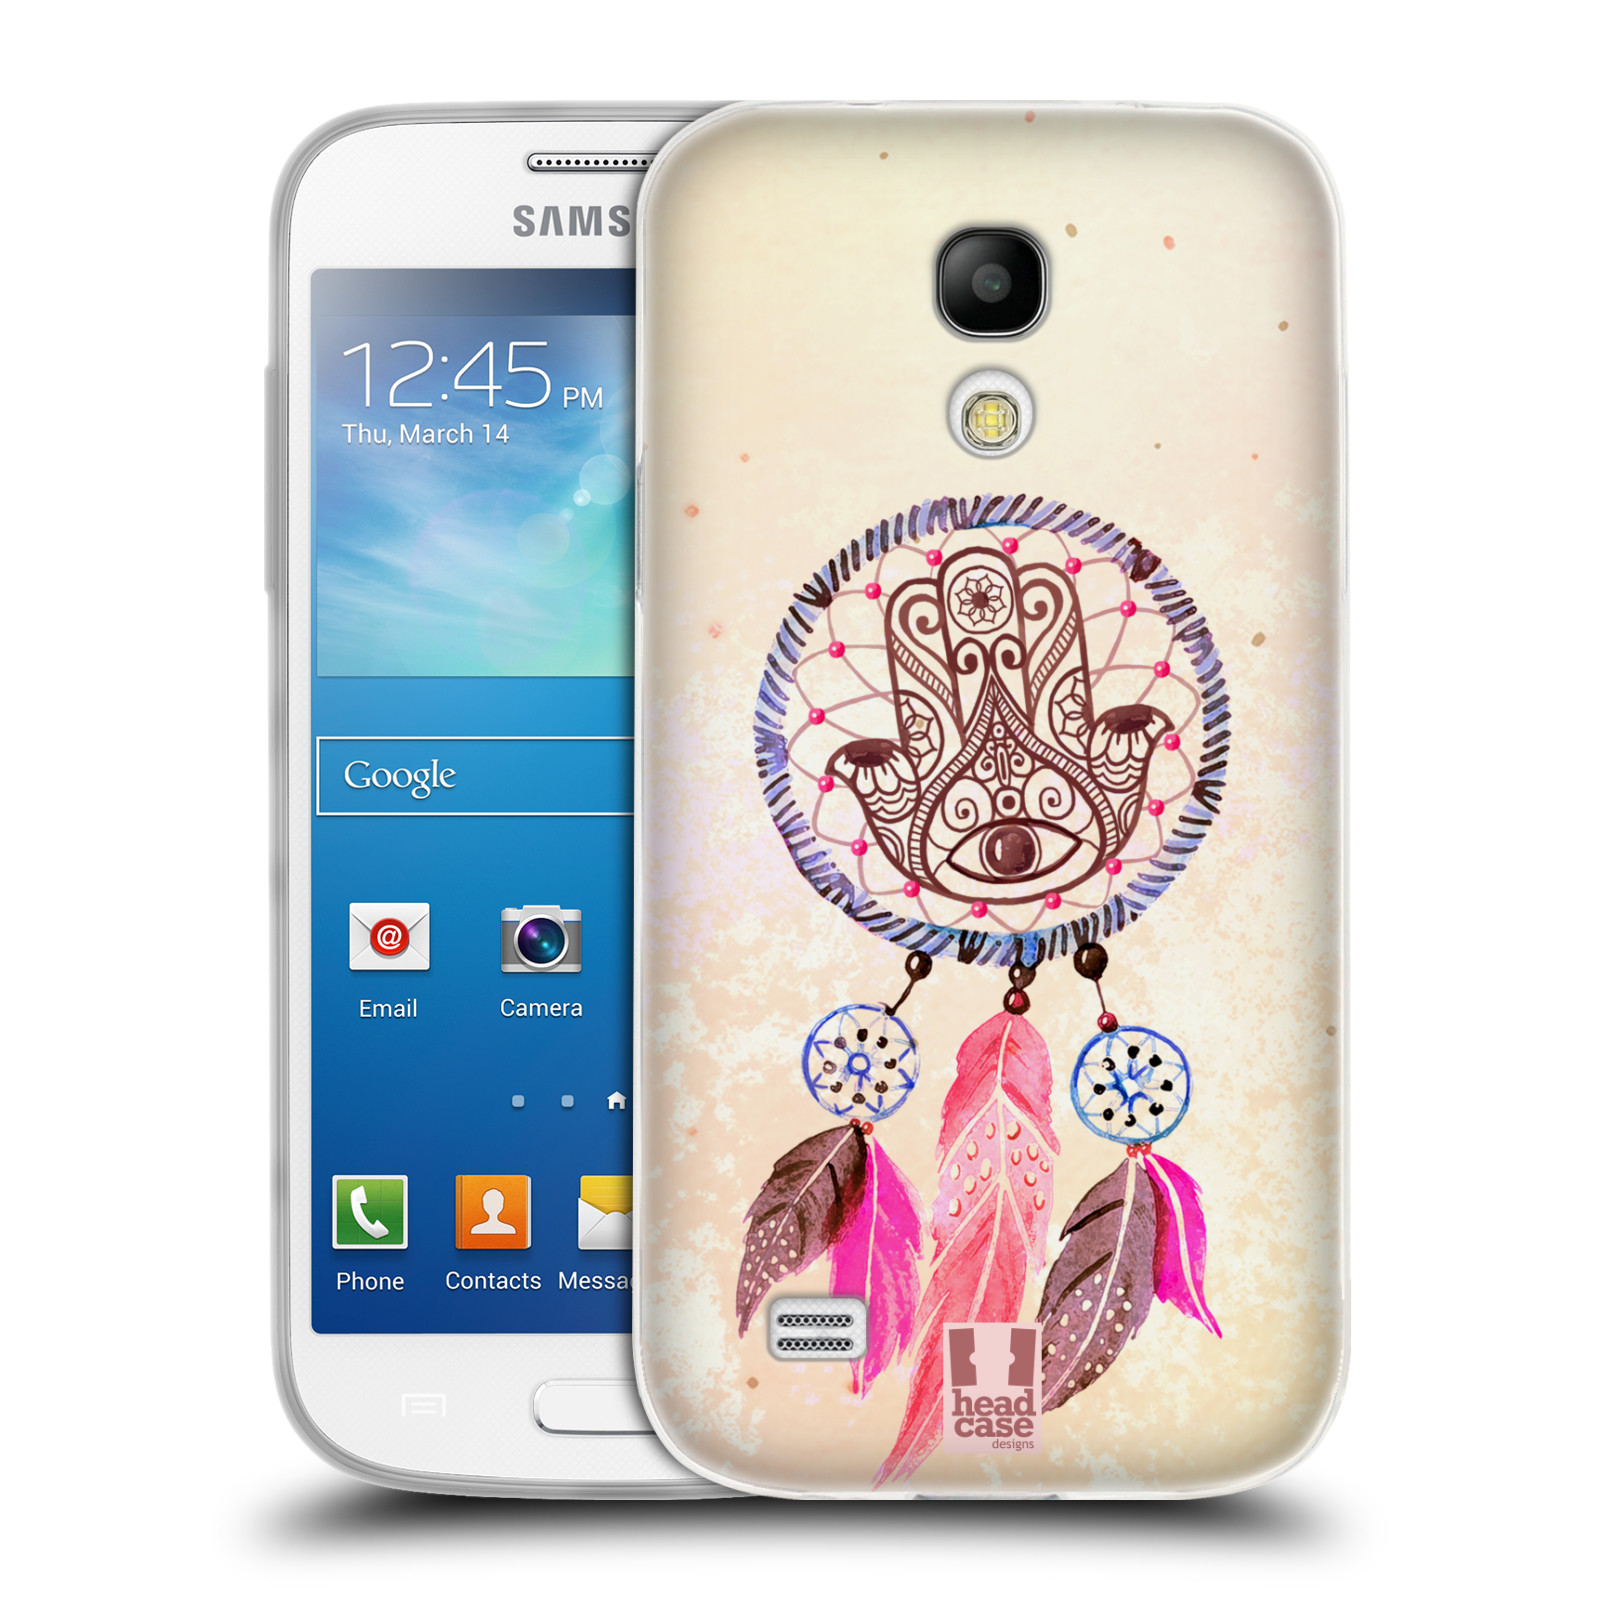 Silikonové pouzdro na mobil Samsung Galaxy S4 Mini HEAD CASE Lapač Assorted Hamsa (Silikonový kryt či obal na mobilní telefon Samsung Galaxy S4 Mini GT-i9195 / i9190)